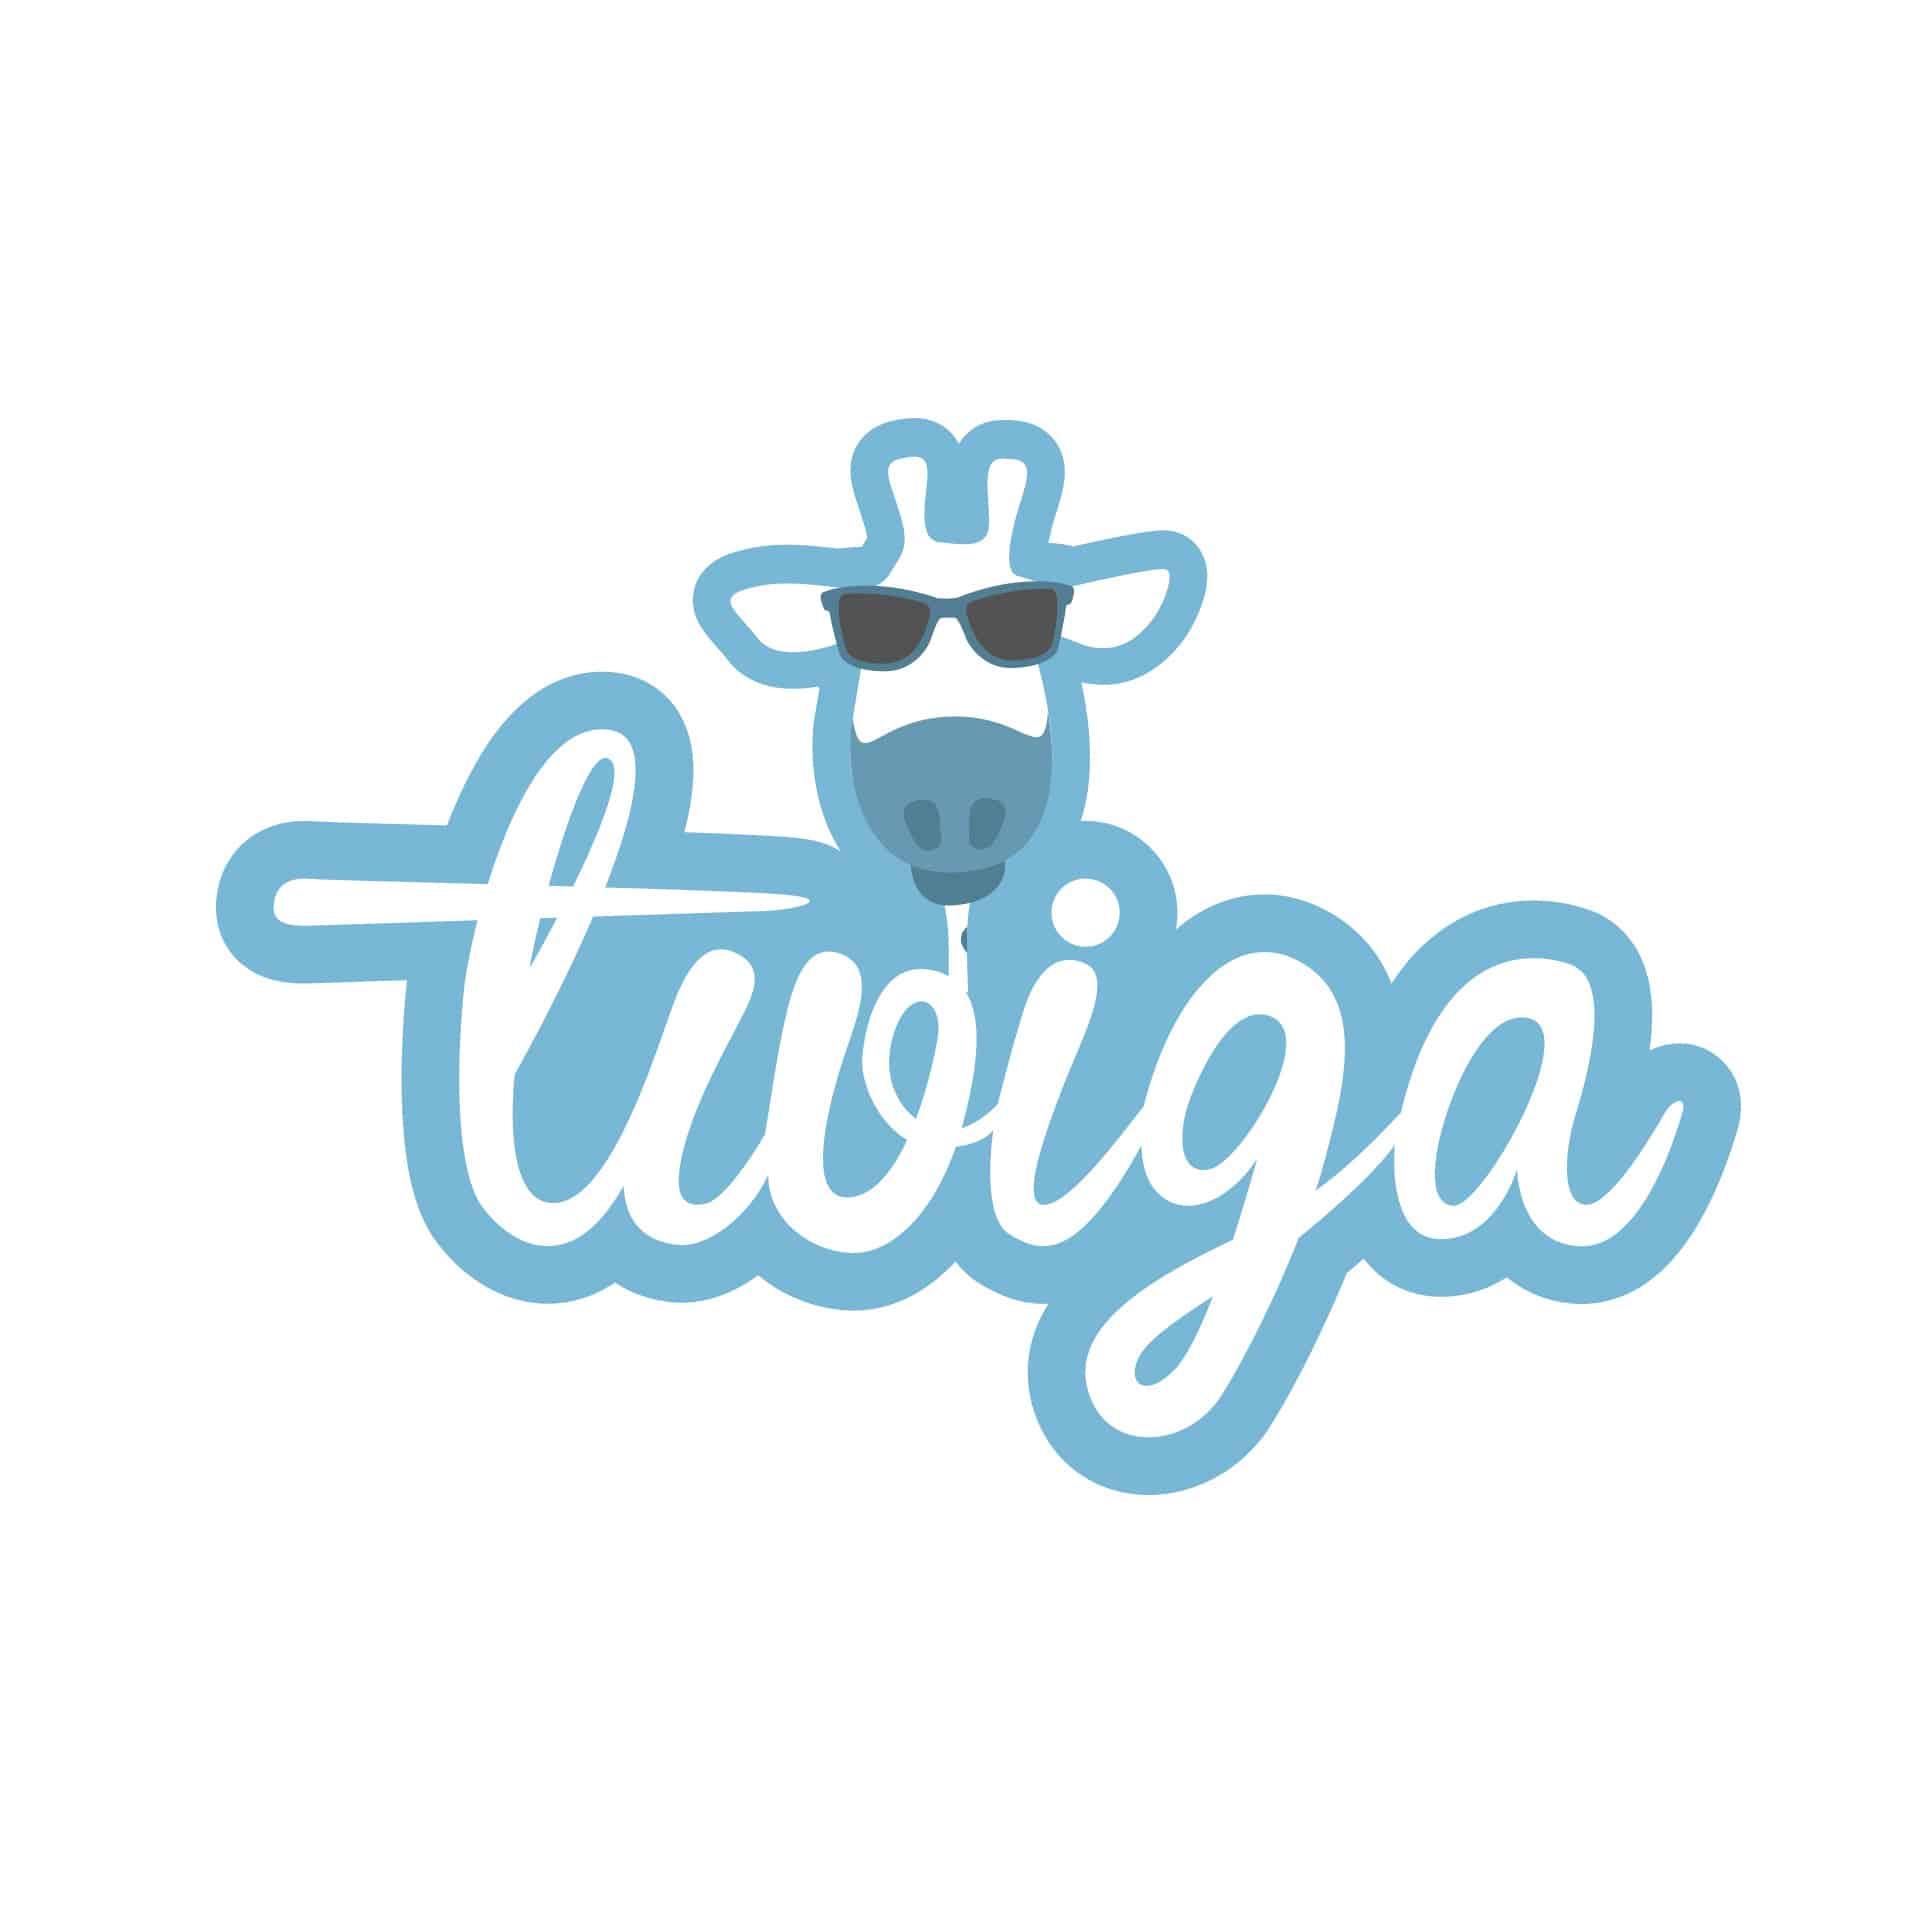 PROPAGANDA - twiga logo